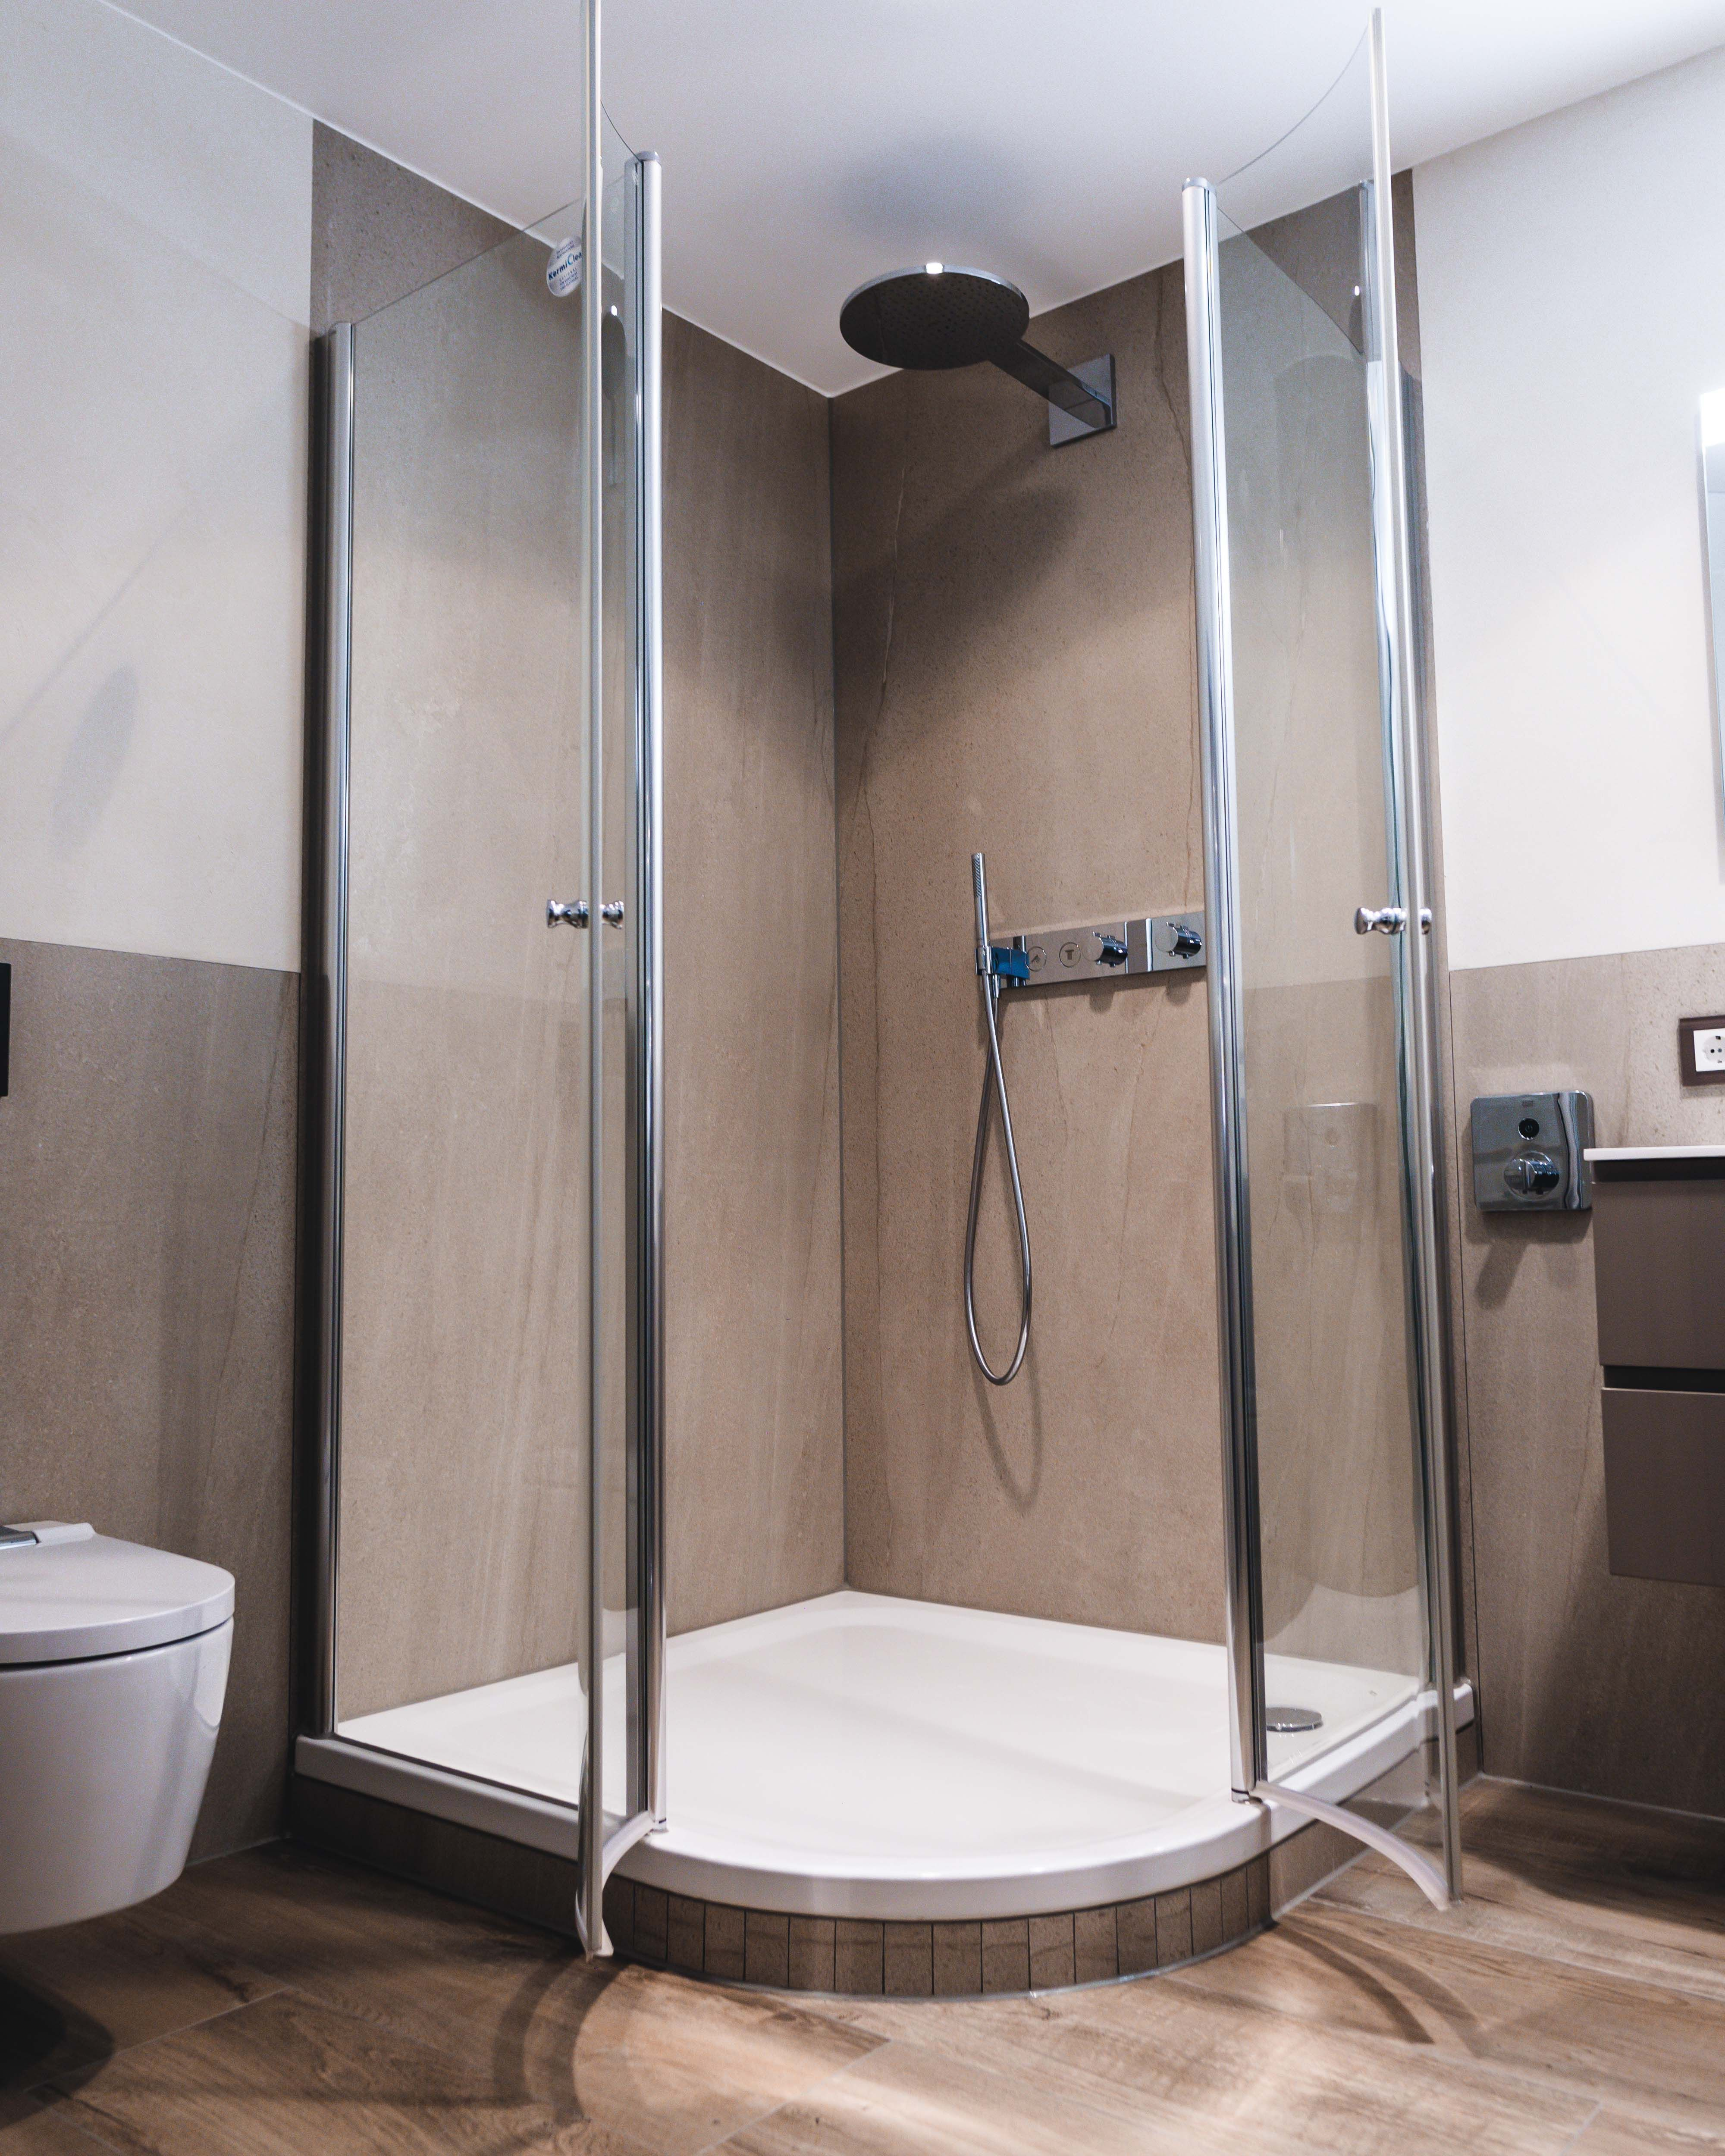 Die Gesamte Dusche Besteht Ausschliesslich Aus Zwei Fliesen Ein